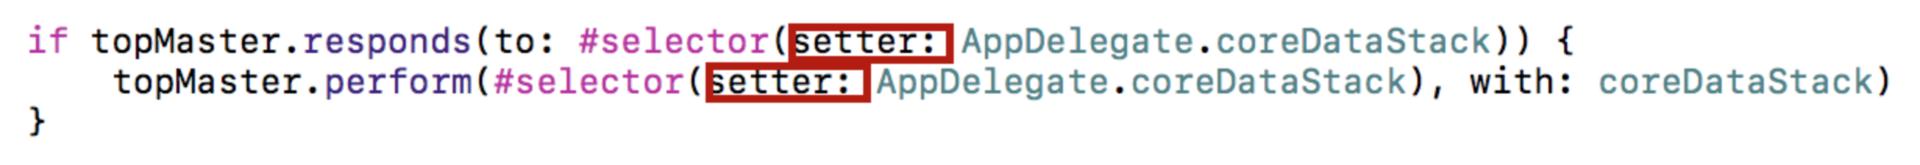 Переходим на Swift 3 с помощью миграционного «робота» в Xcode 8.1 и 8.2 - 52